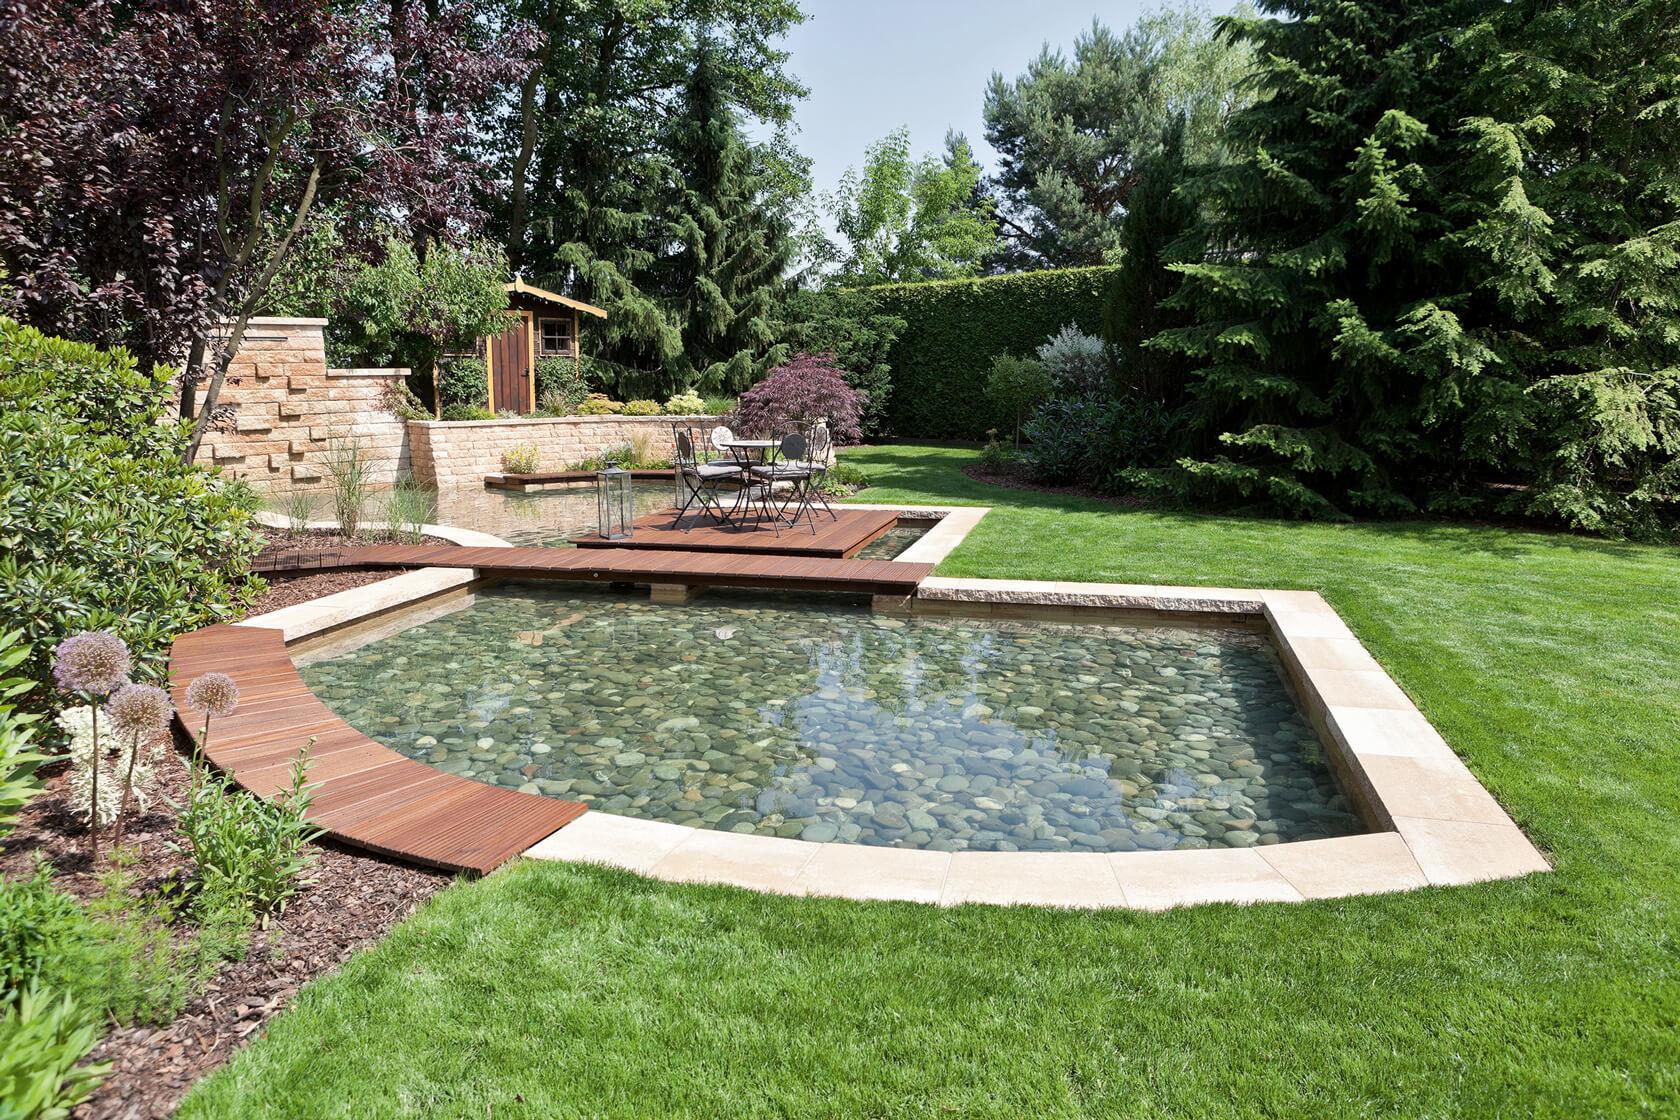 Der in zwei Flächen unterteile Teich wird auf einer Seite mit einer Steinmauer eingefasst. Auf einem Holzdeck kann man auf dem Wasser sitzen.